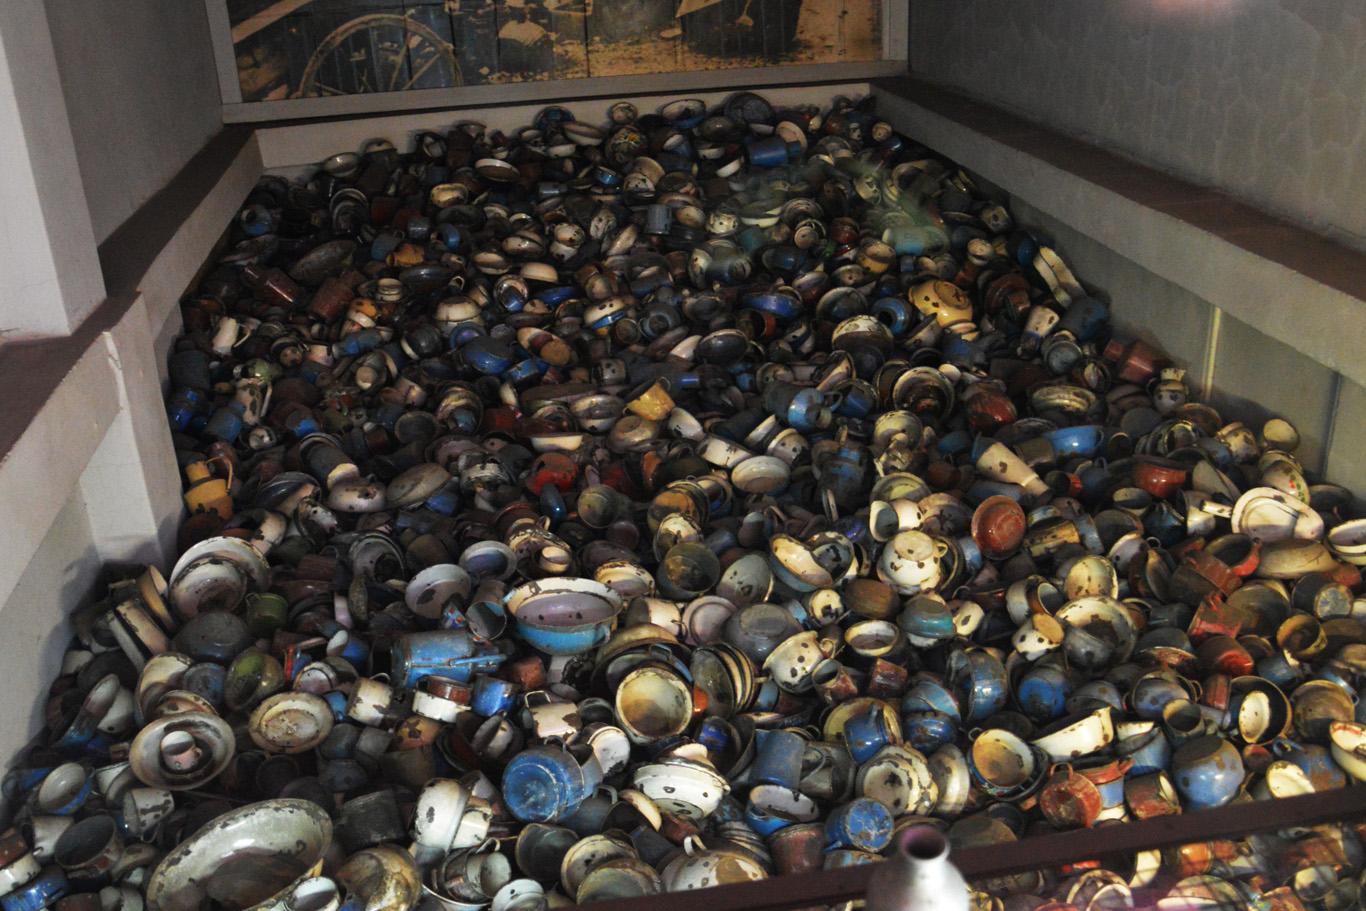 Pots taken from prisoners